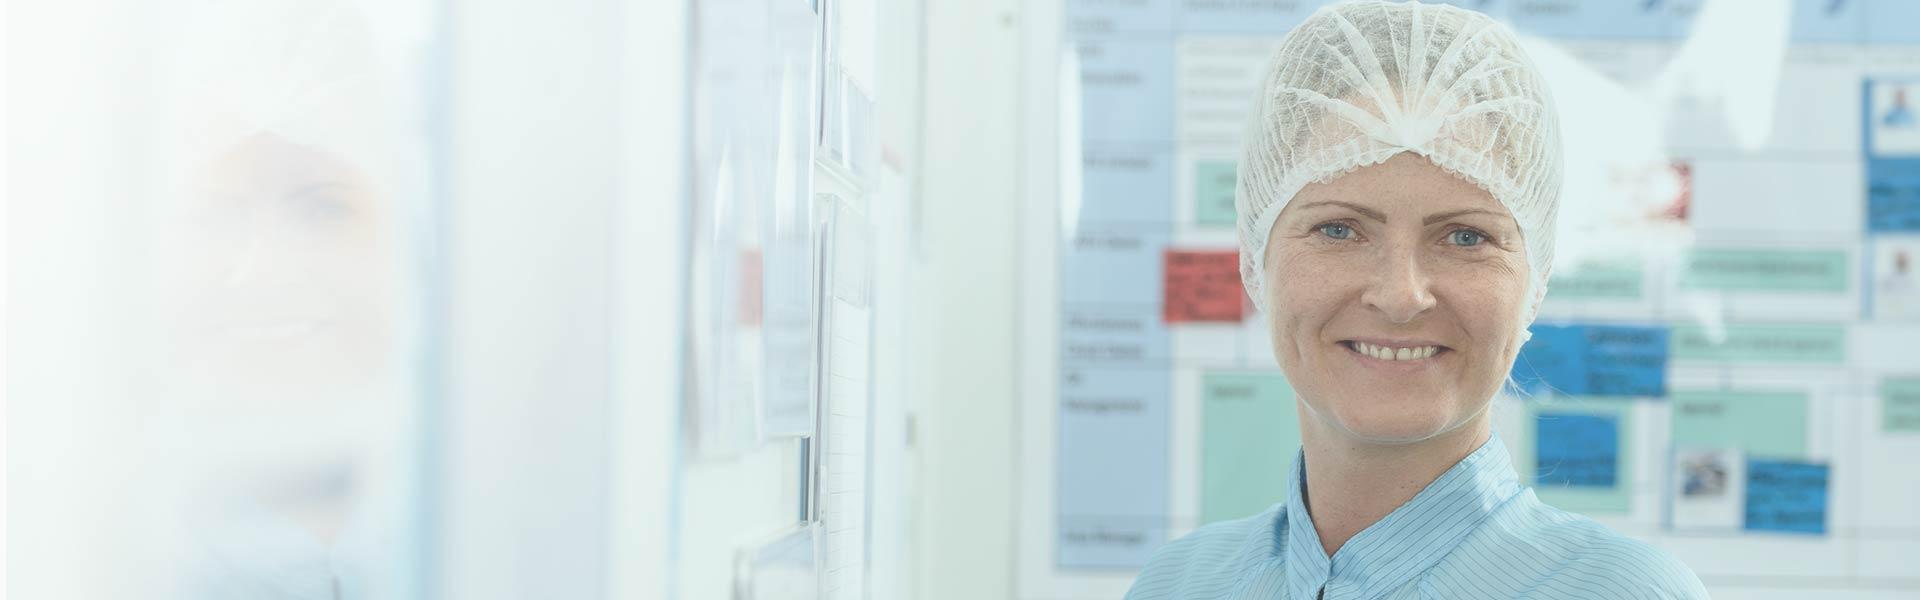 Female Bemis Healthcare Packaging Europe employee with hair net